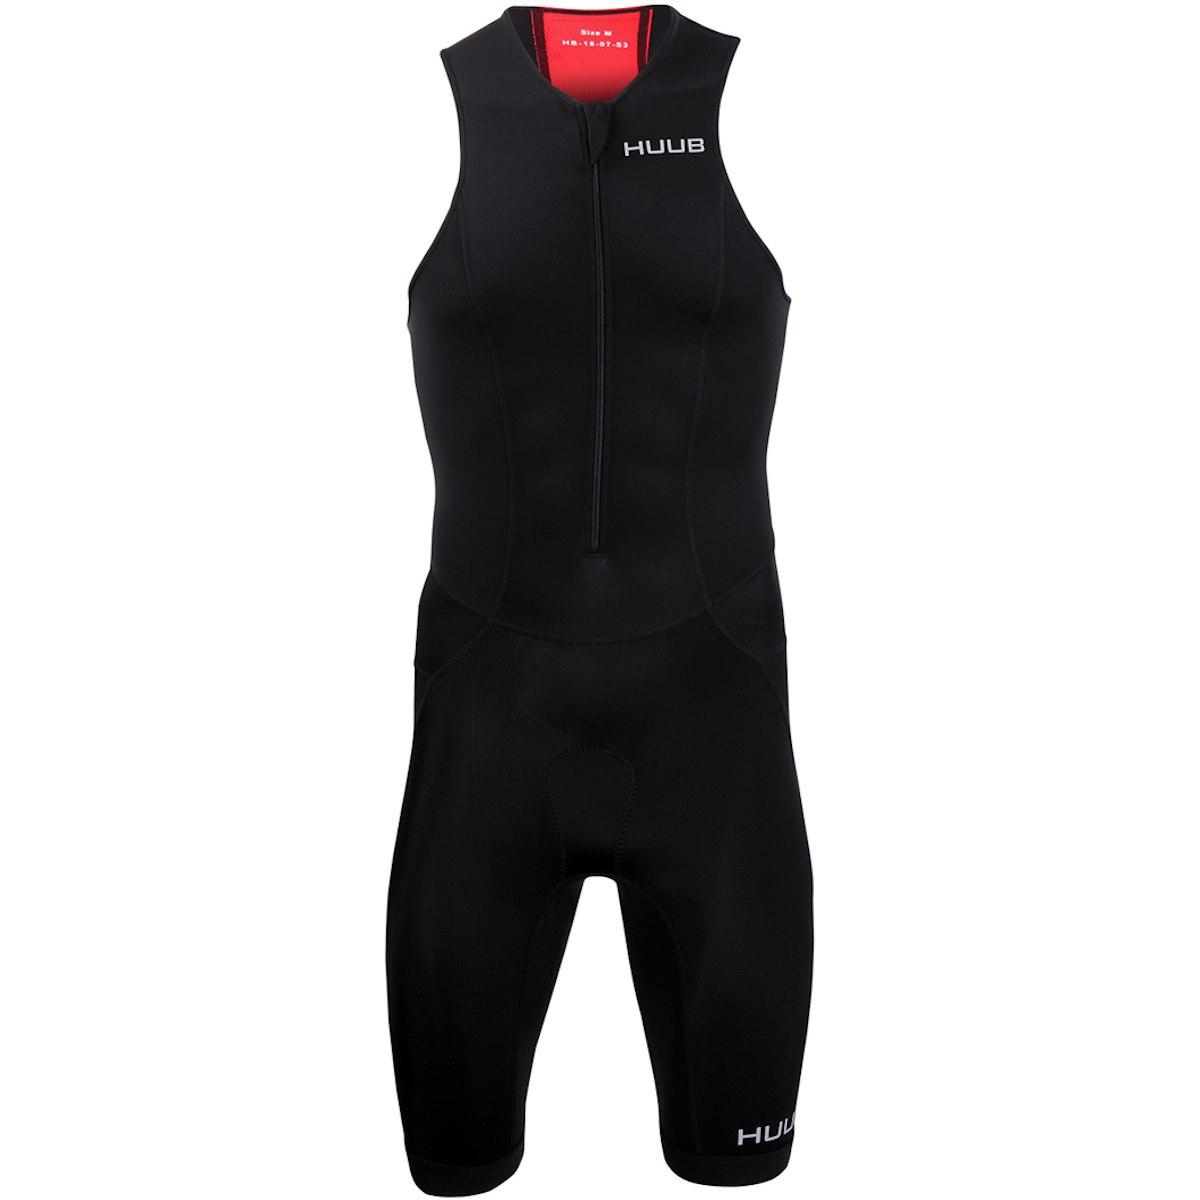 Produktbild von HUUB Design Essential Herren Trisuit - schwarz/rot